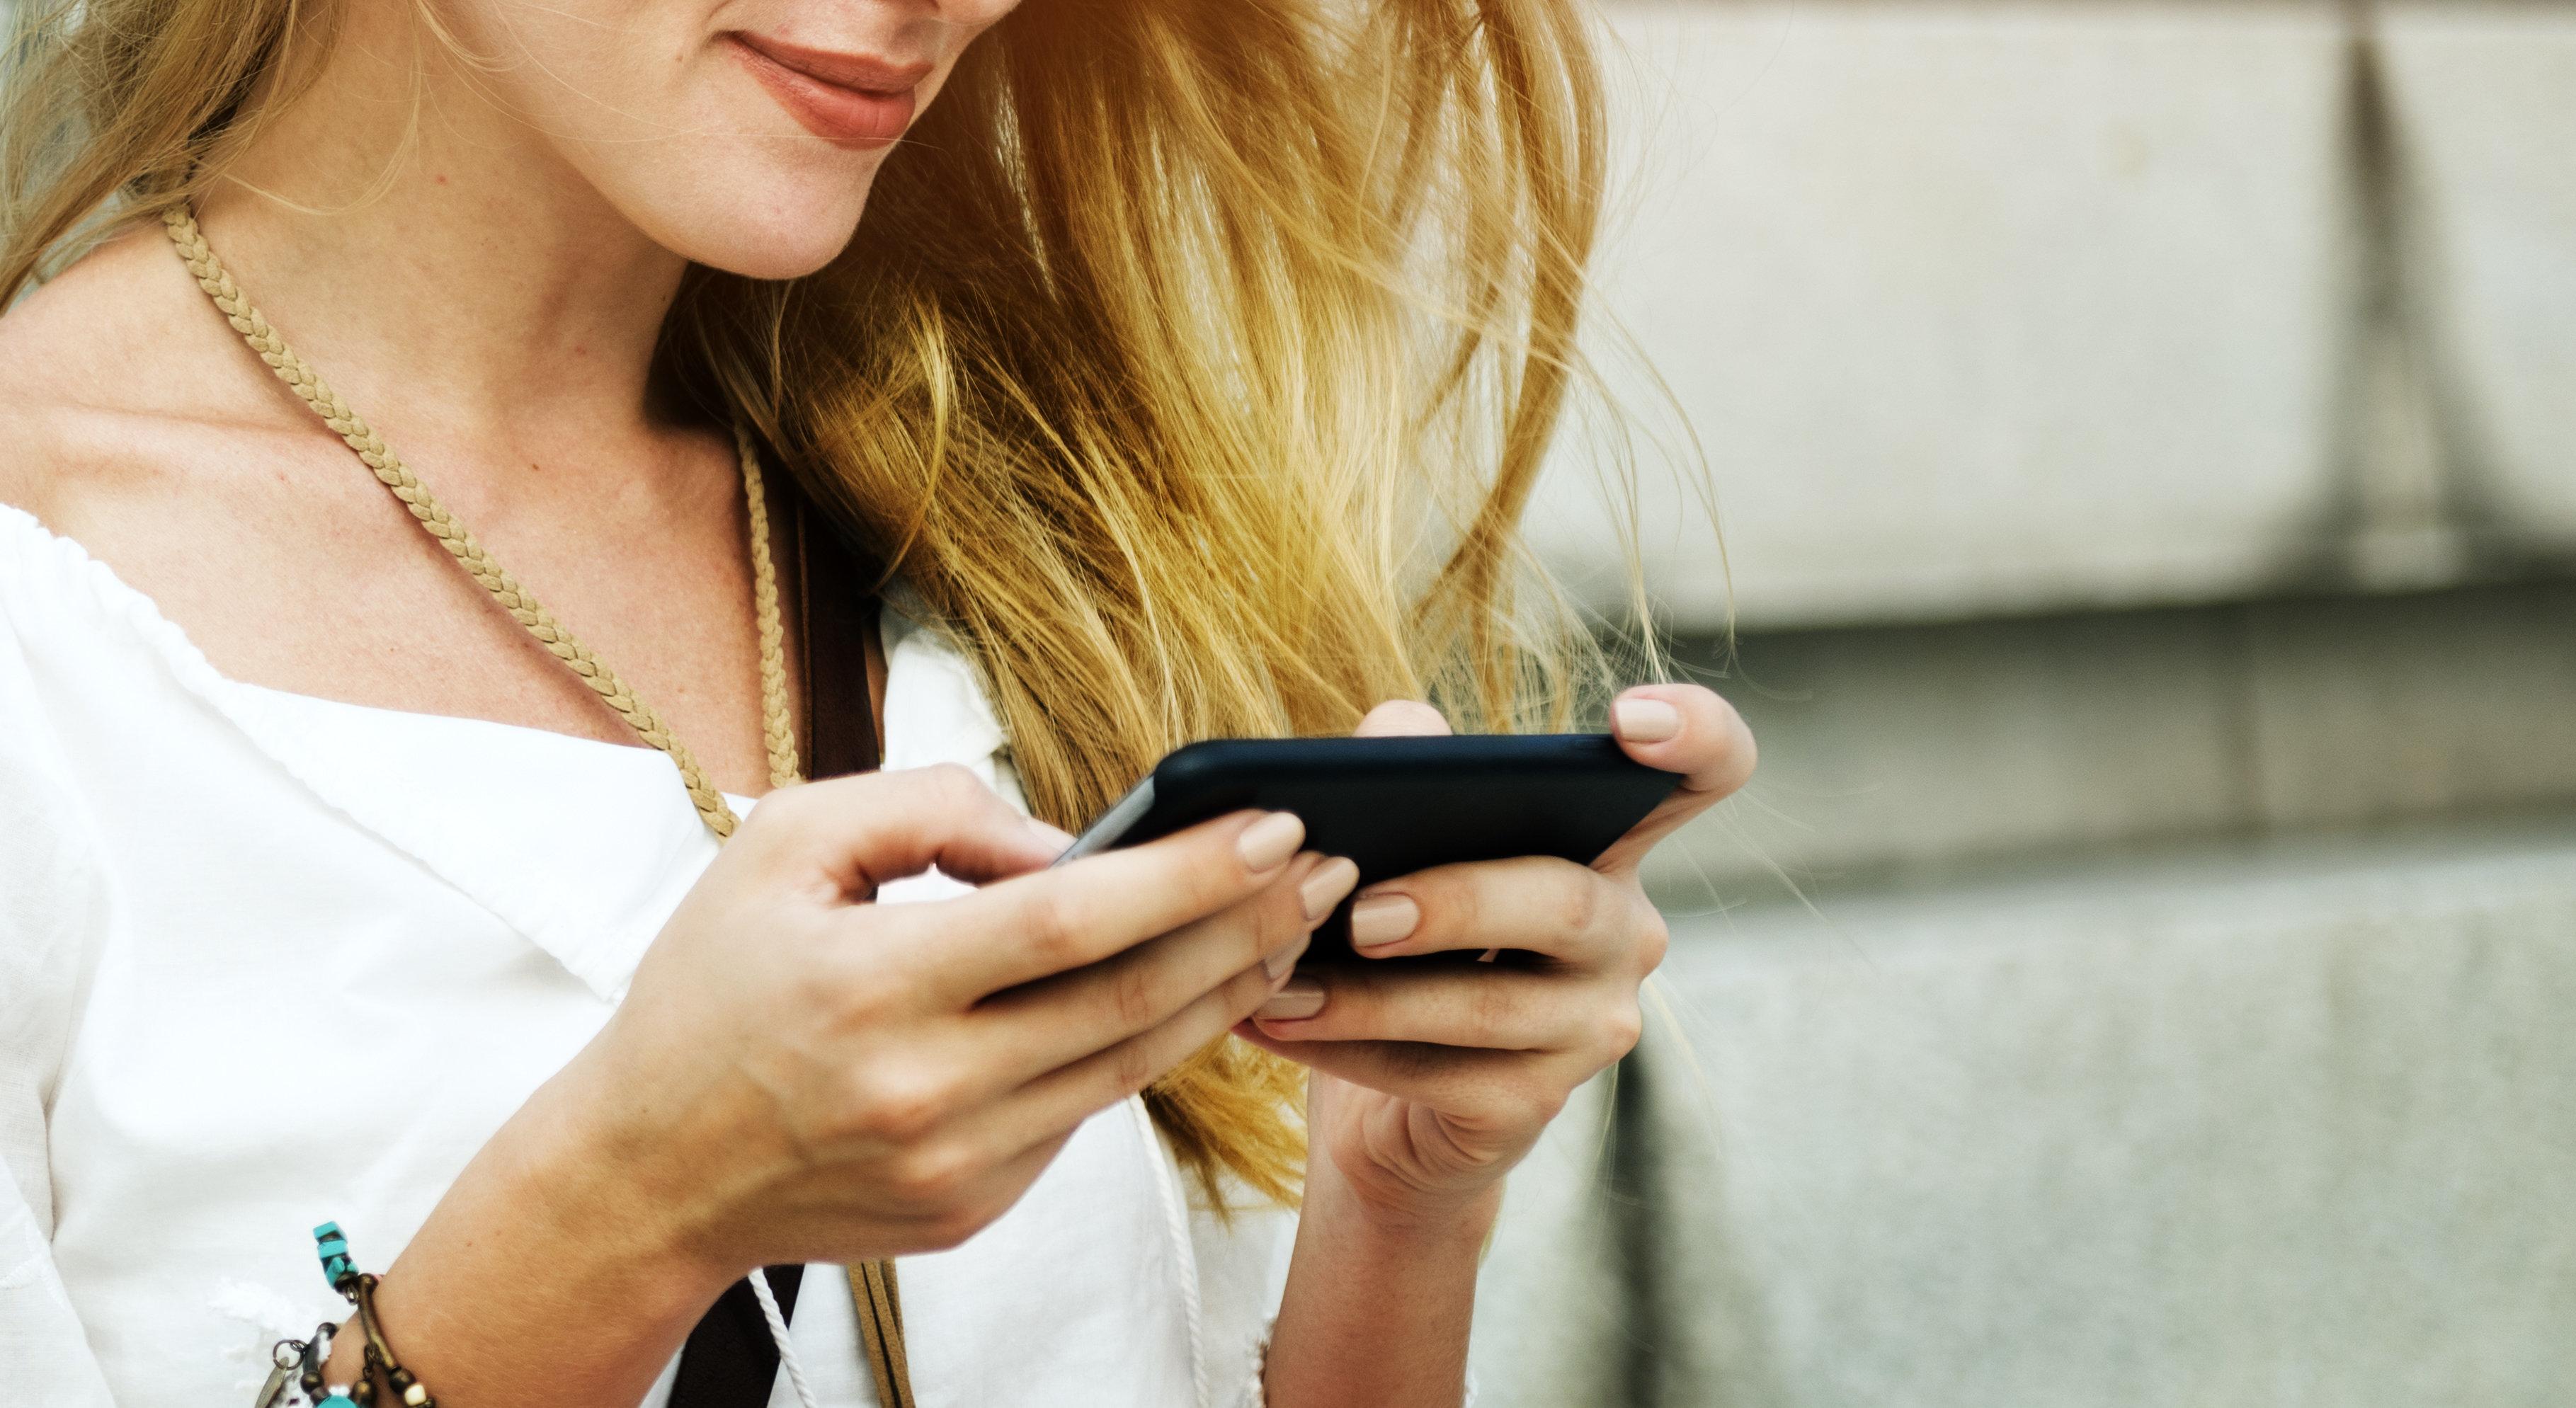 Die große Gemeinsamkeit der Tinder-User ist eine hohe Soziosexualität, sagen die